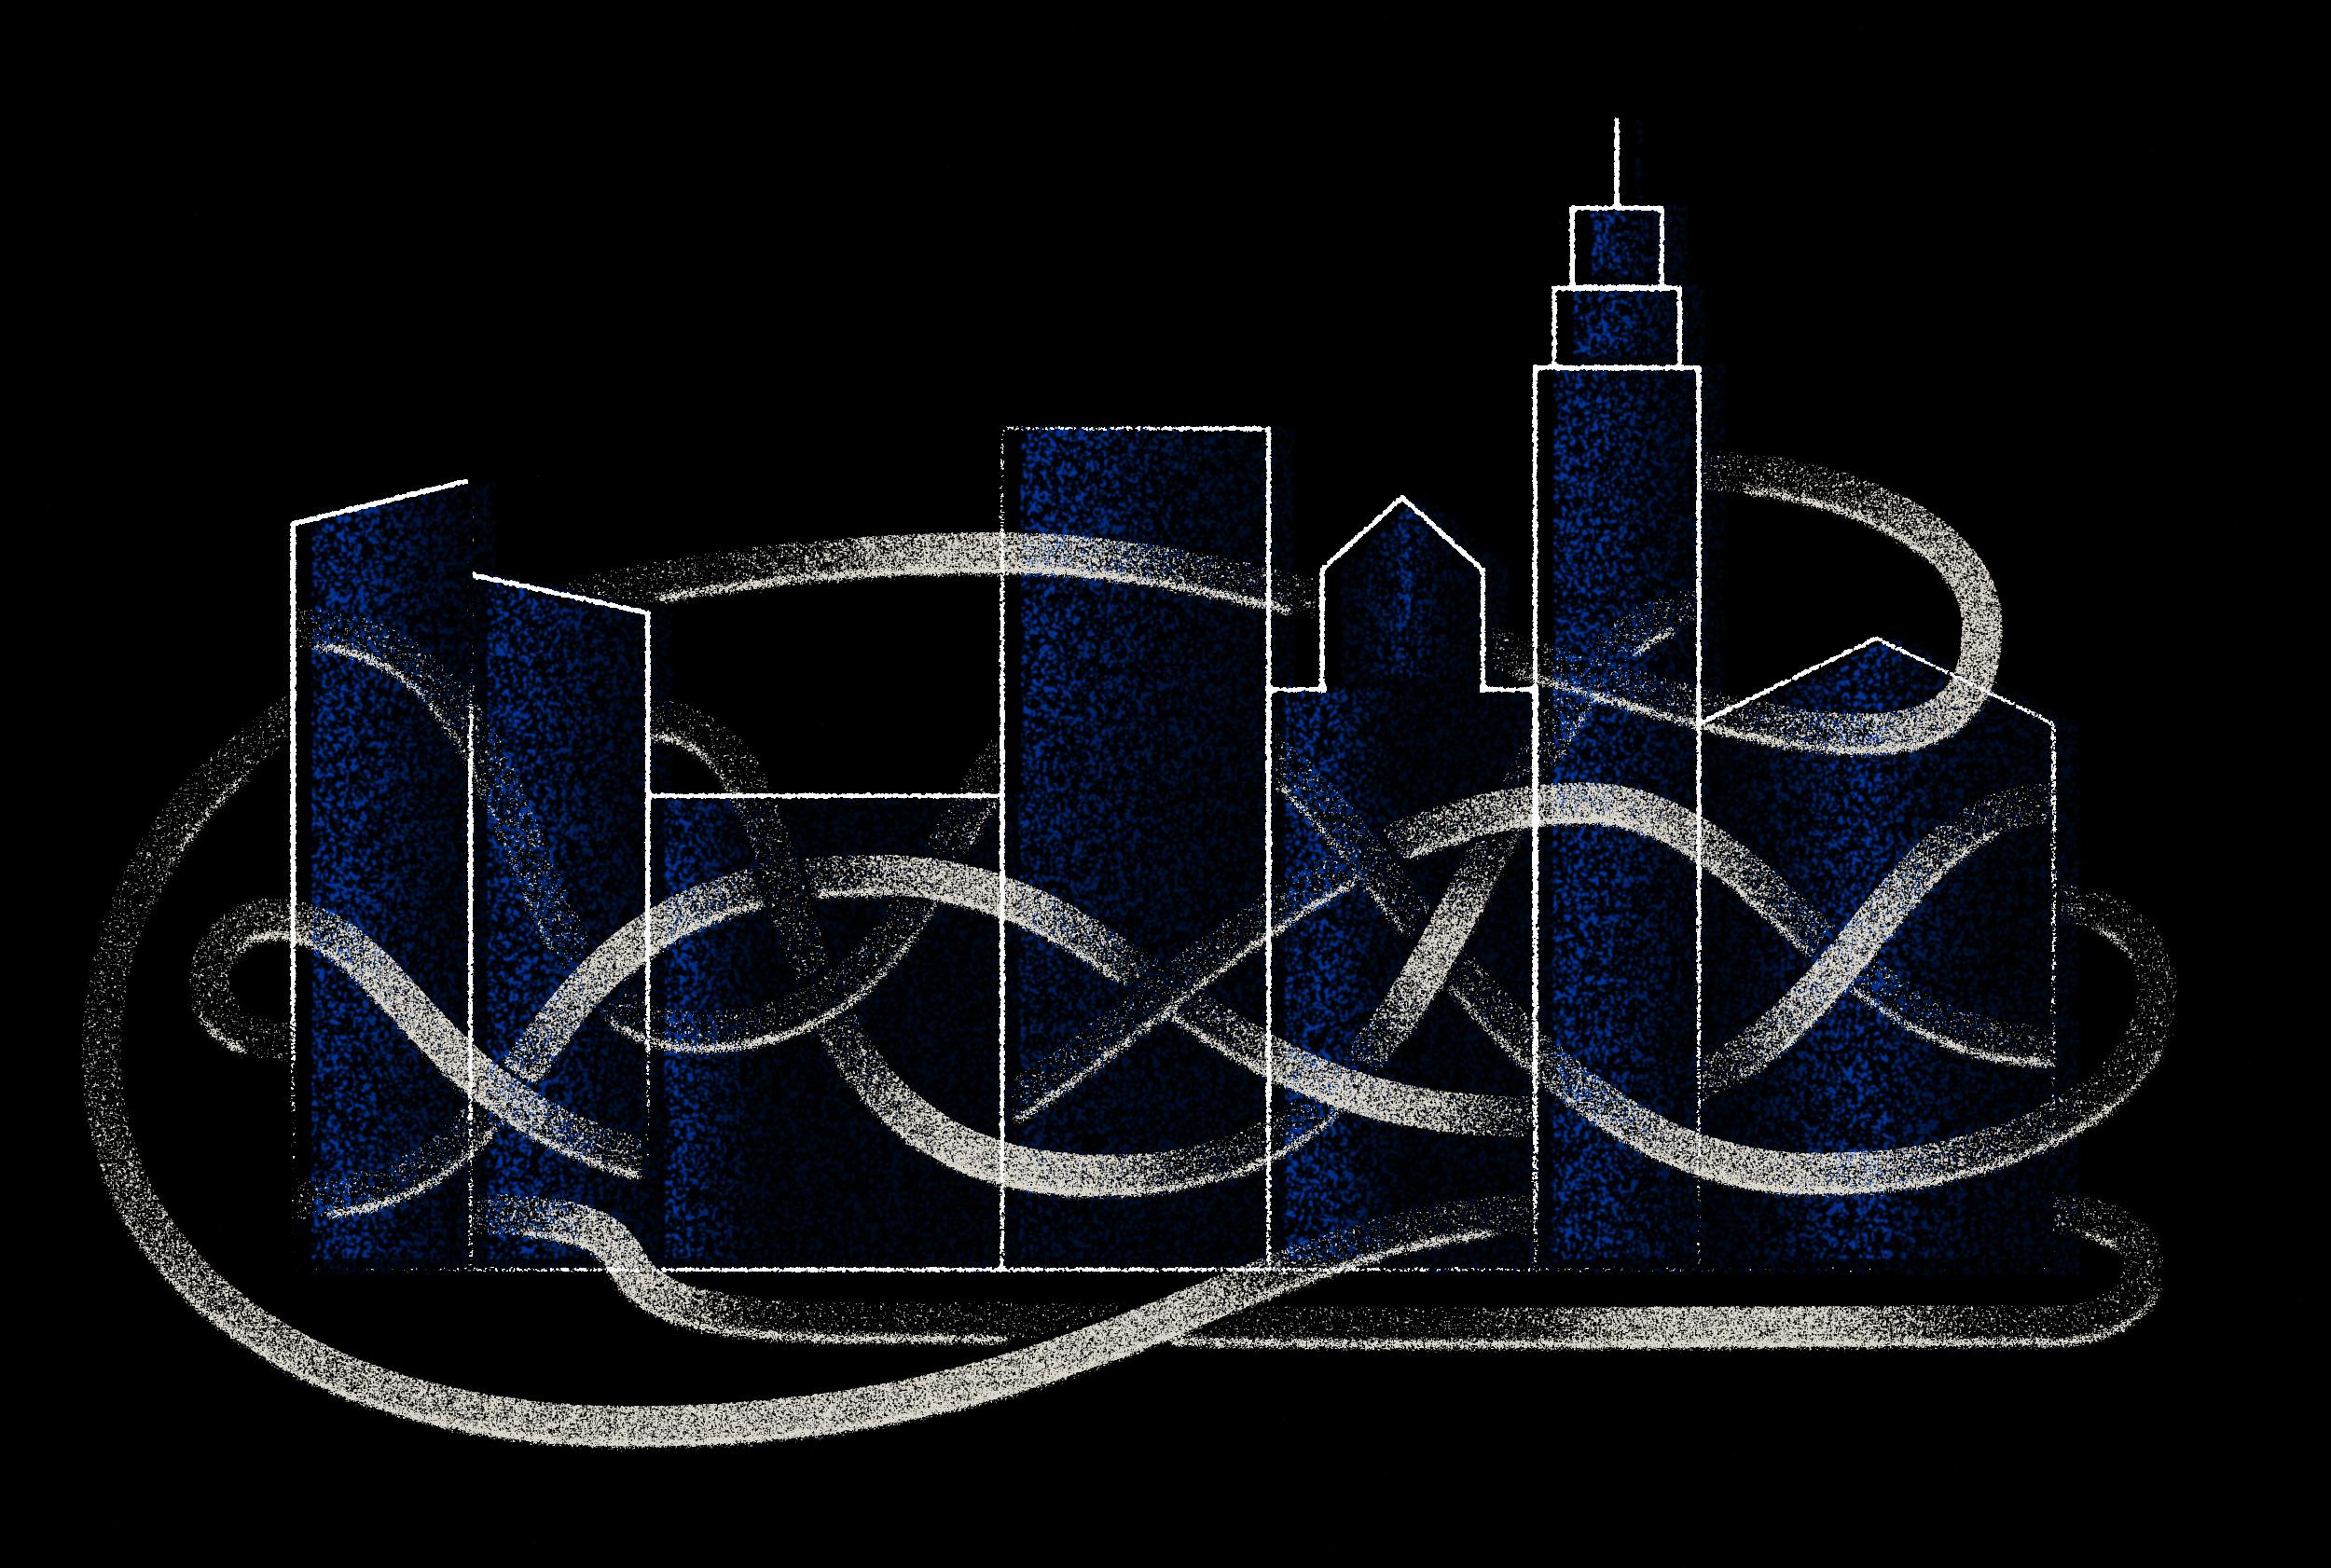 Buildings_v02.jpg